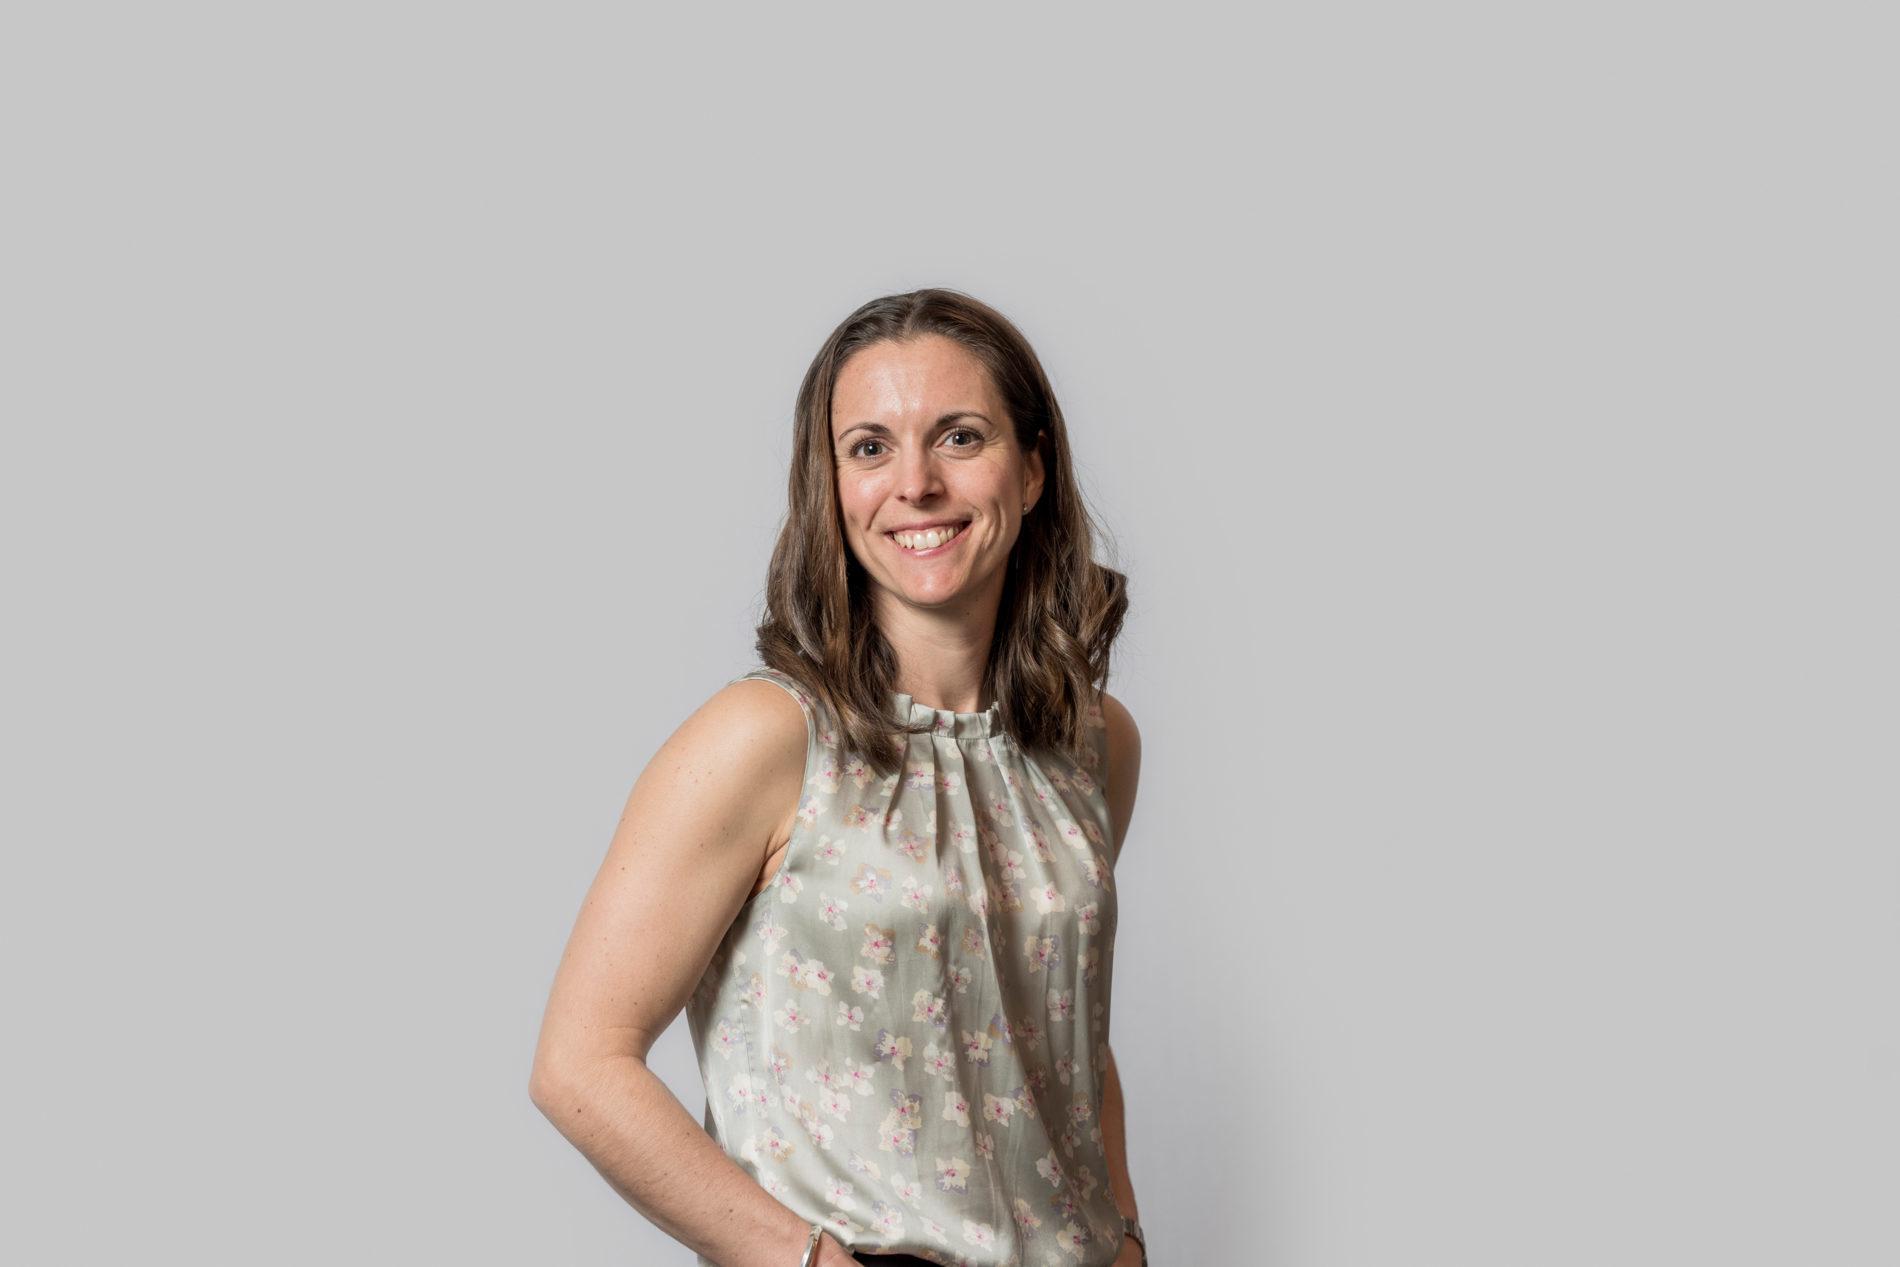 Christina Zettergren